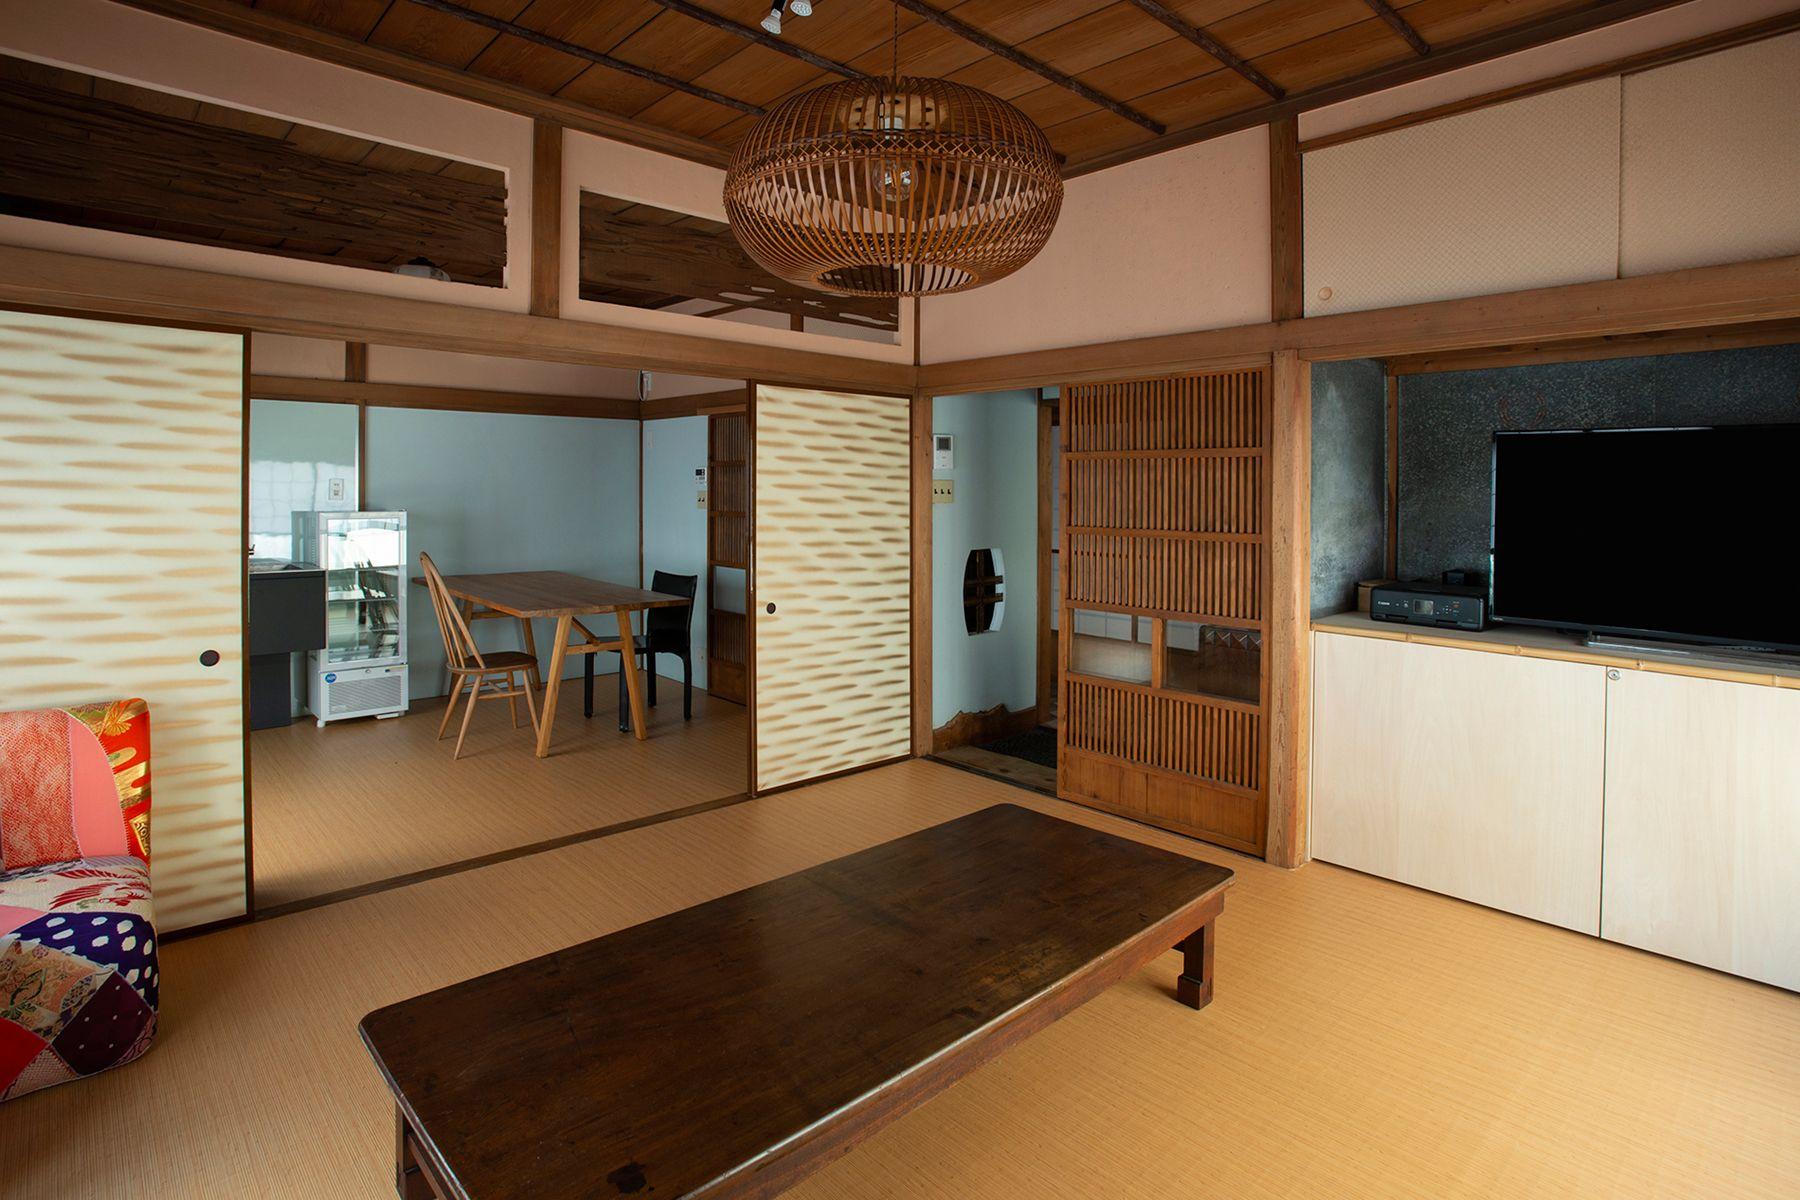 江戸端会議室 (エドバタカイギシツ)襖を開けると8畳+6畳